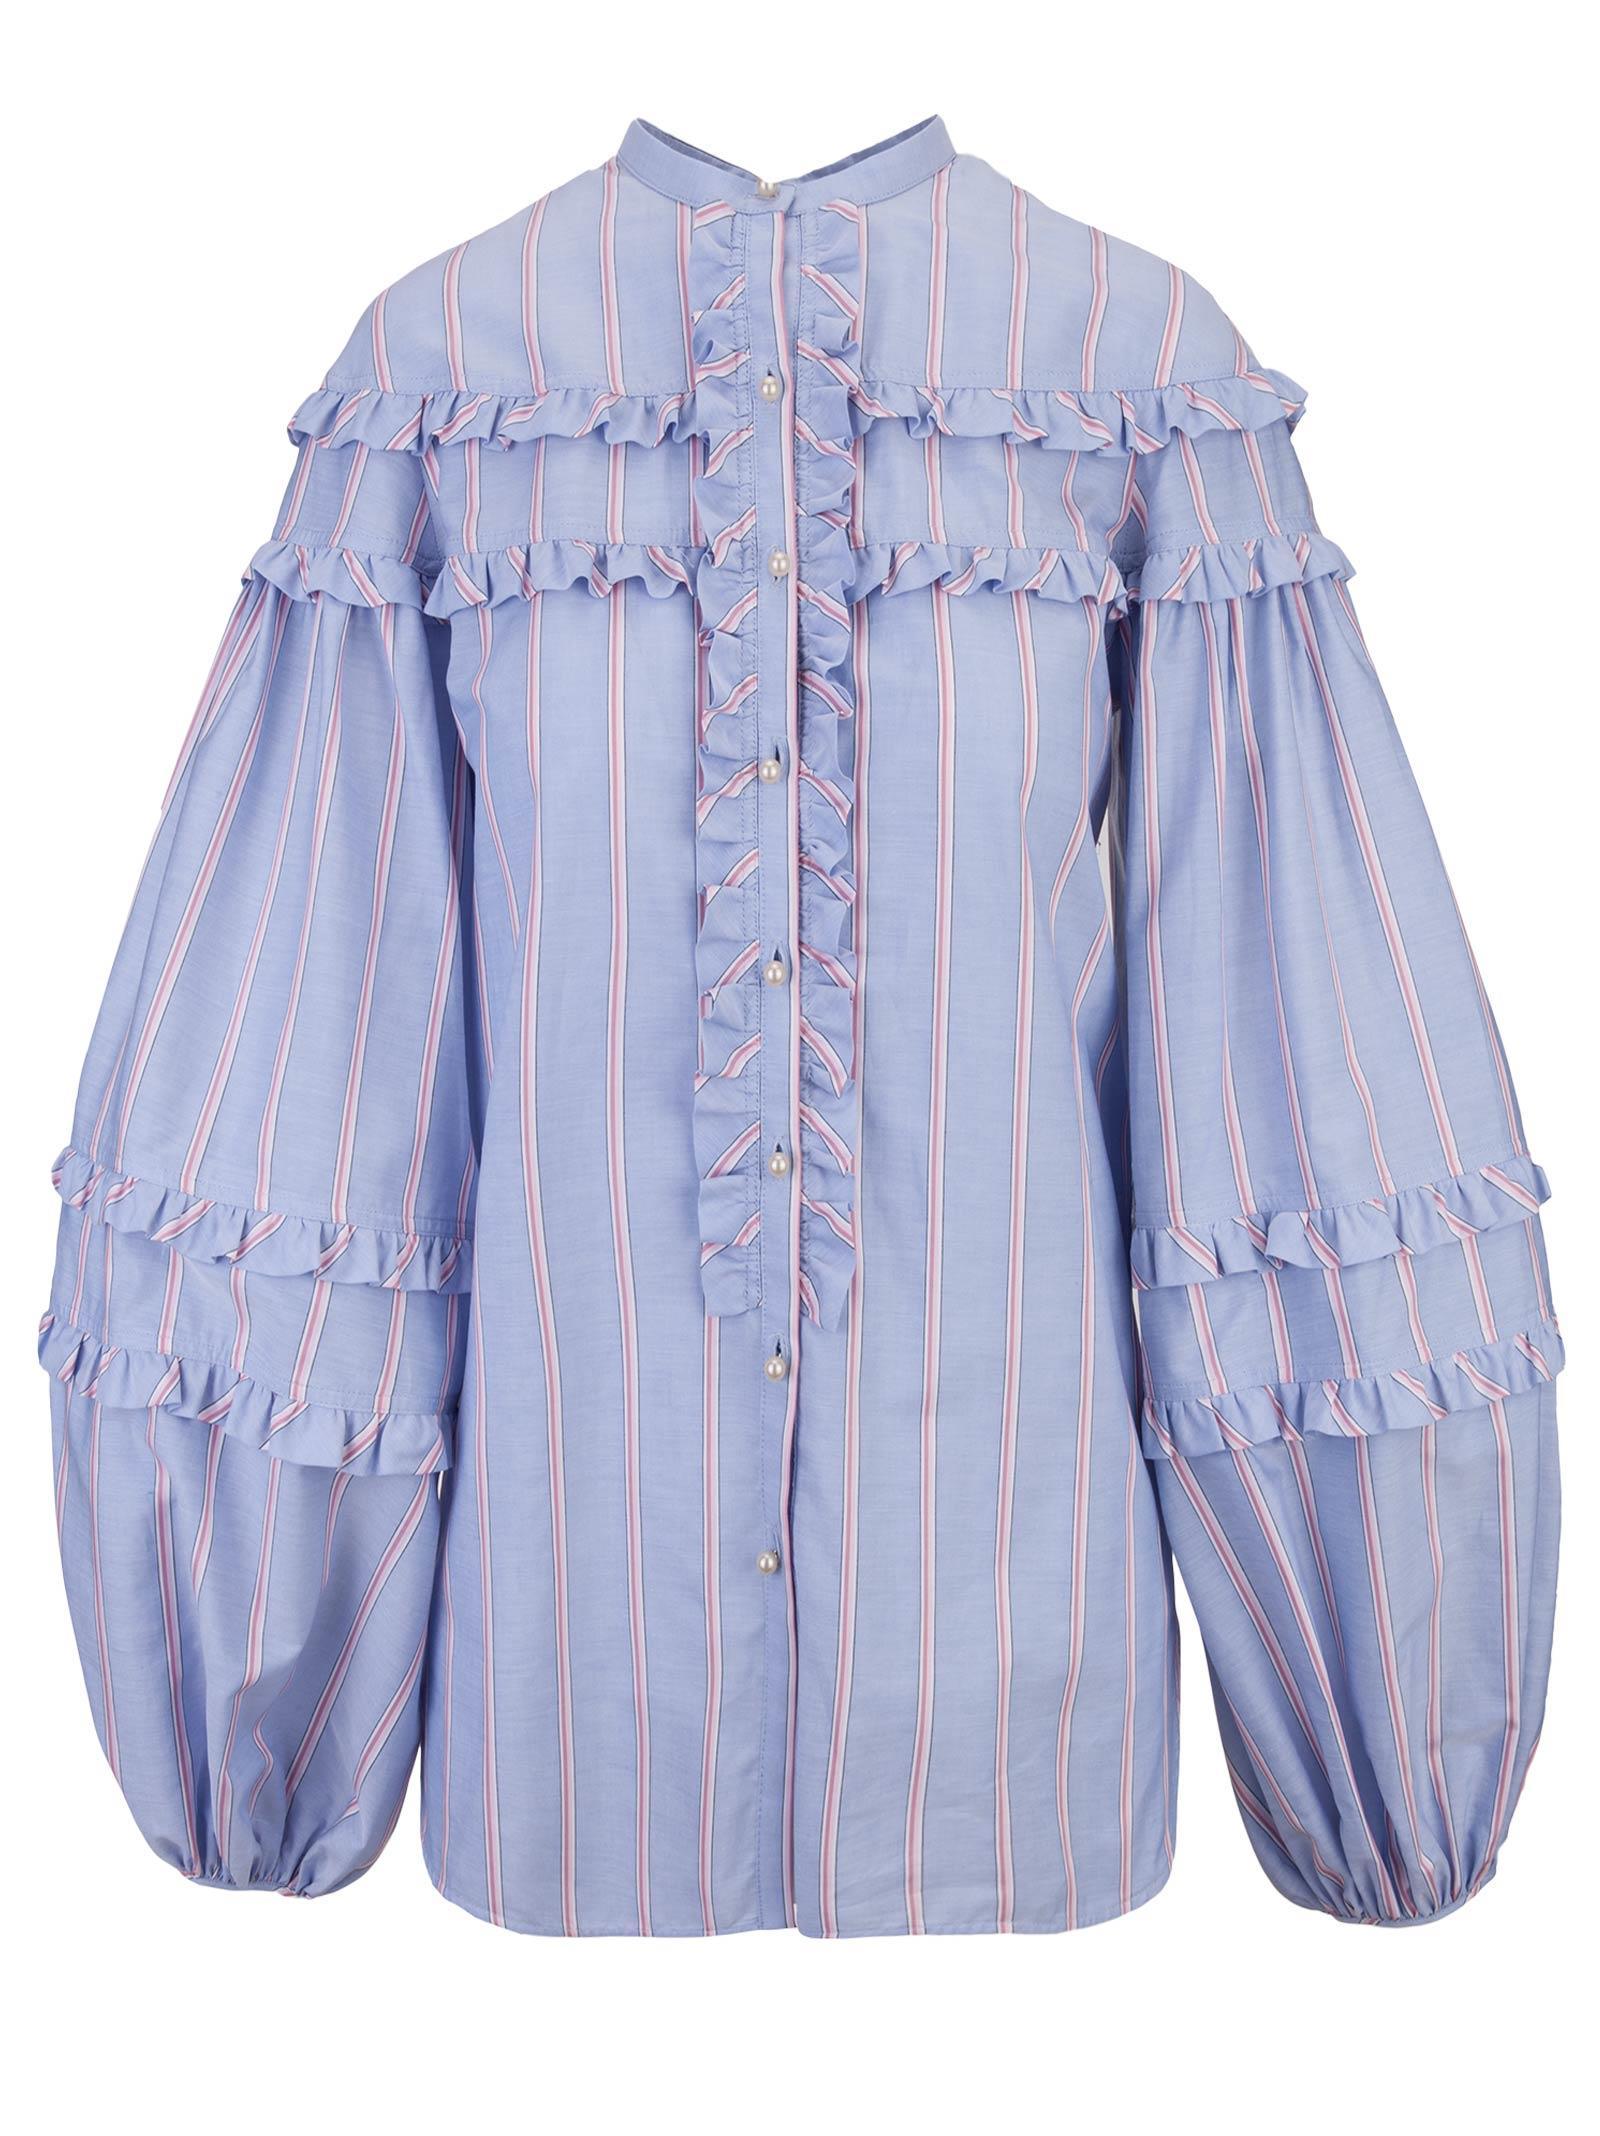 N°21 blouse